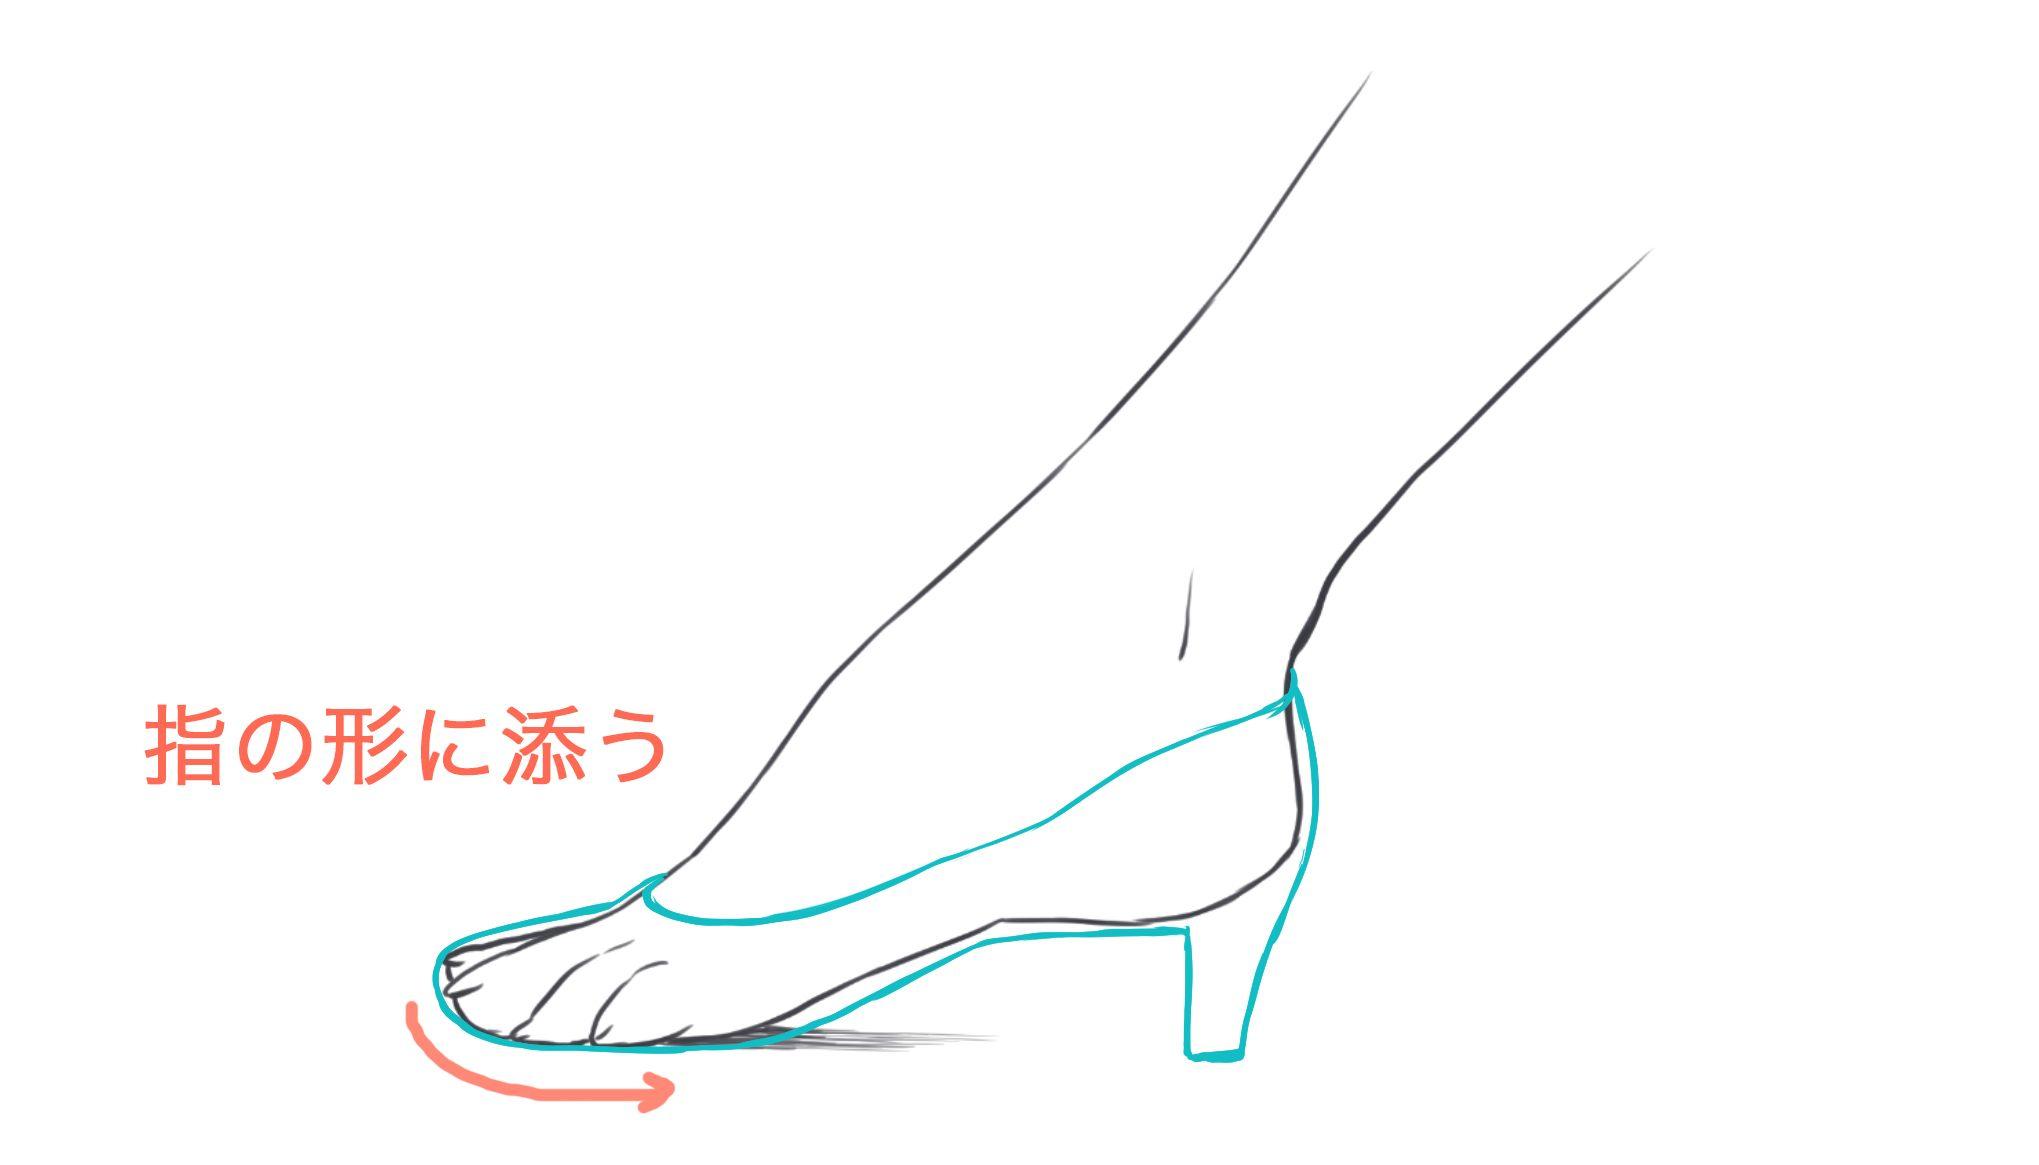 裸足を描いて靴を履かせる